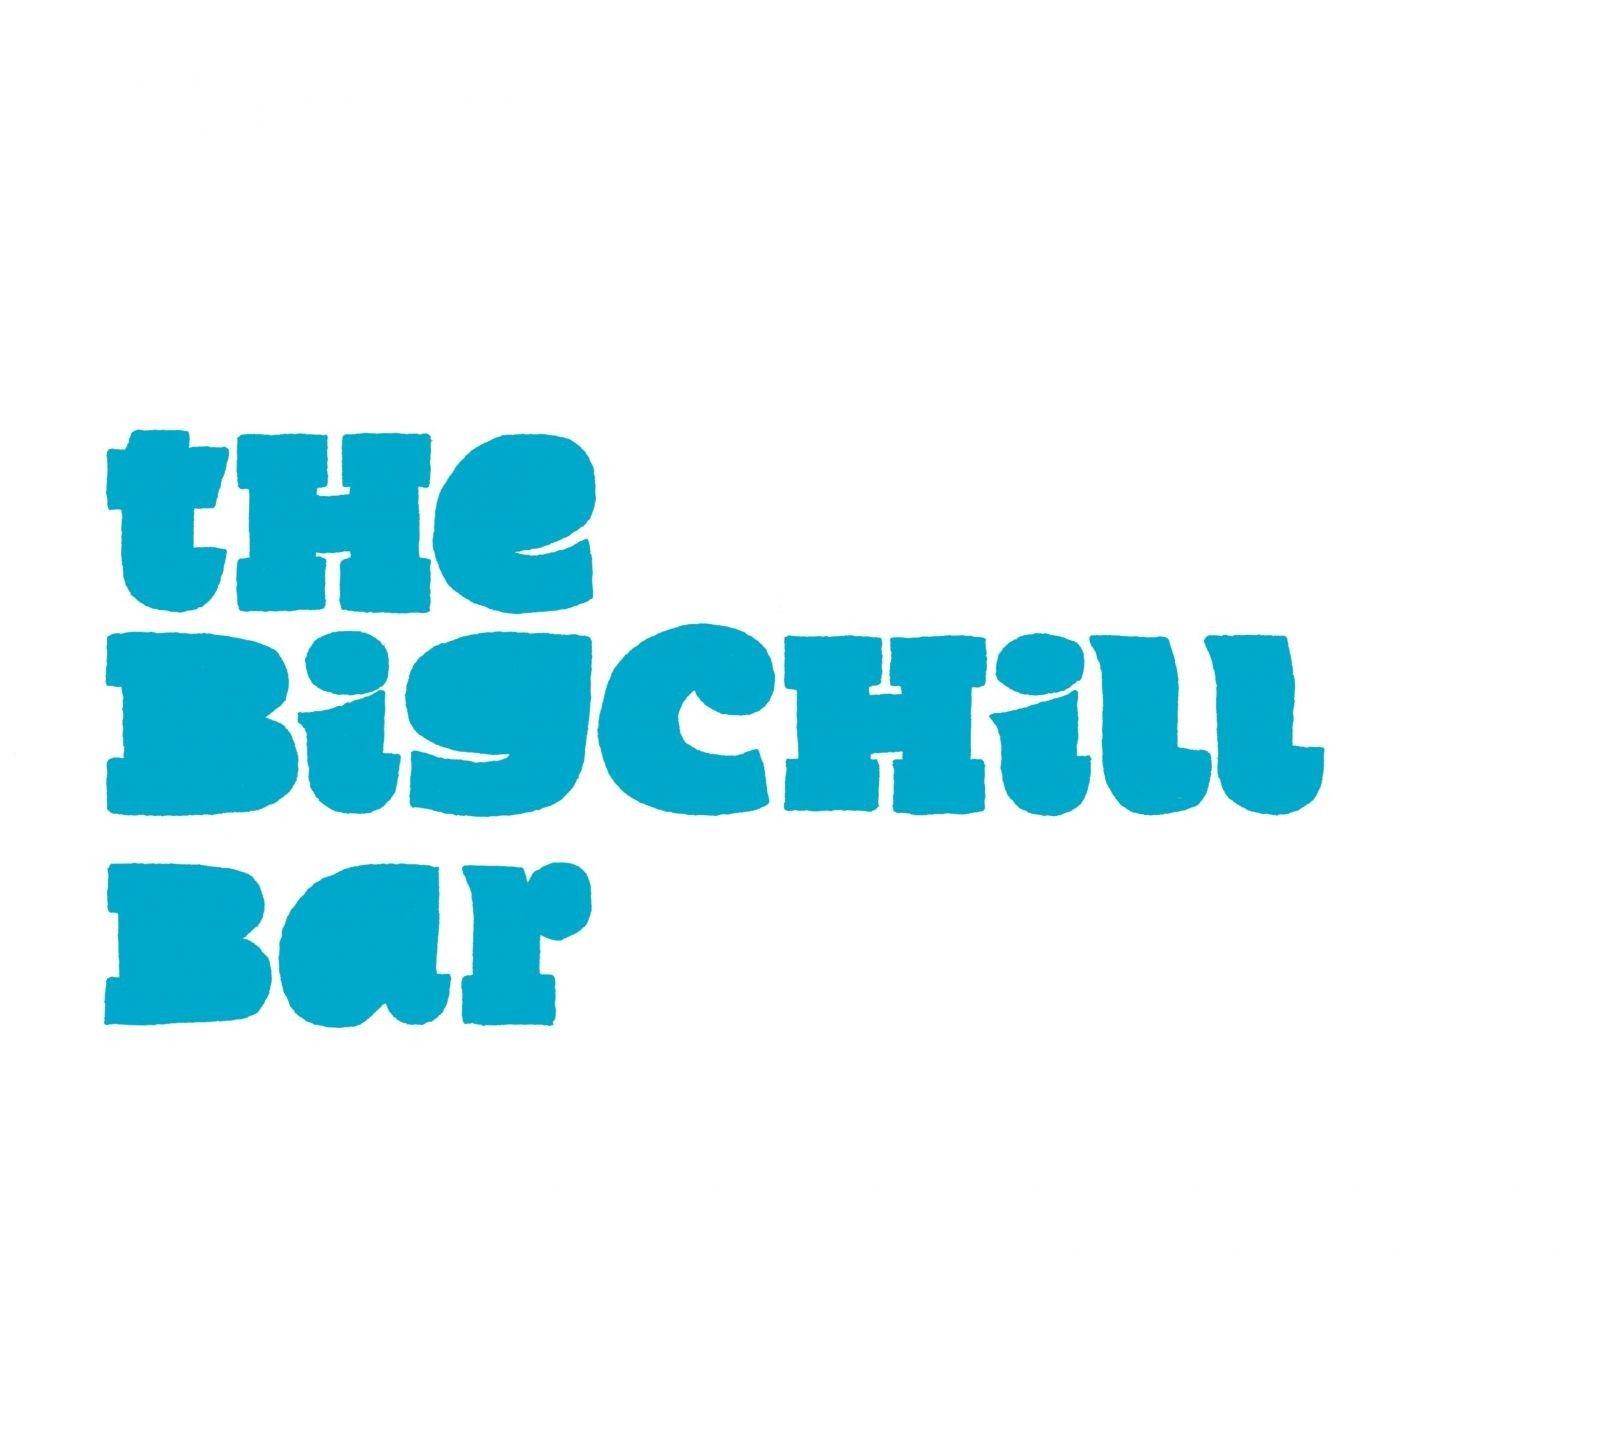 bigcgill.jpg